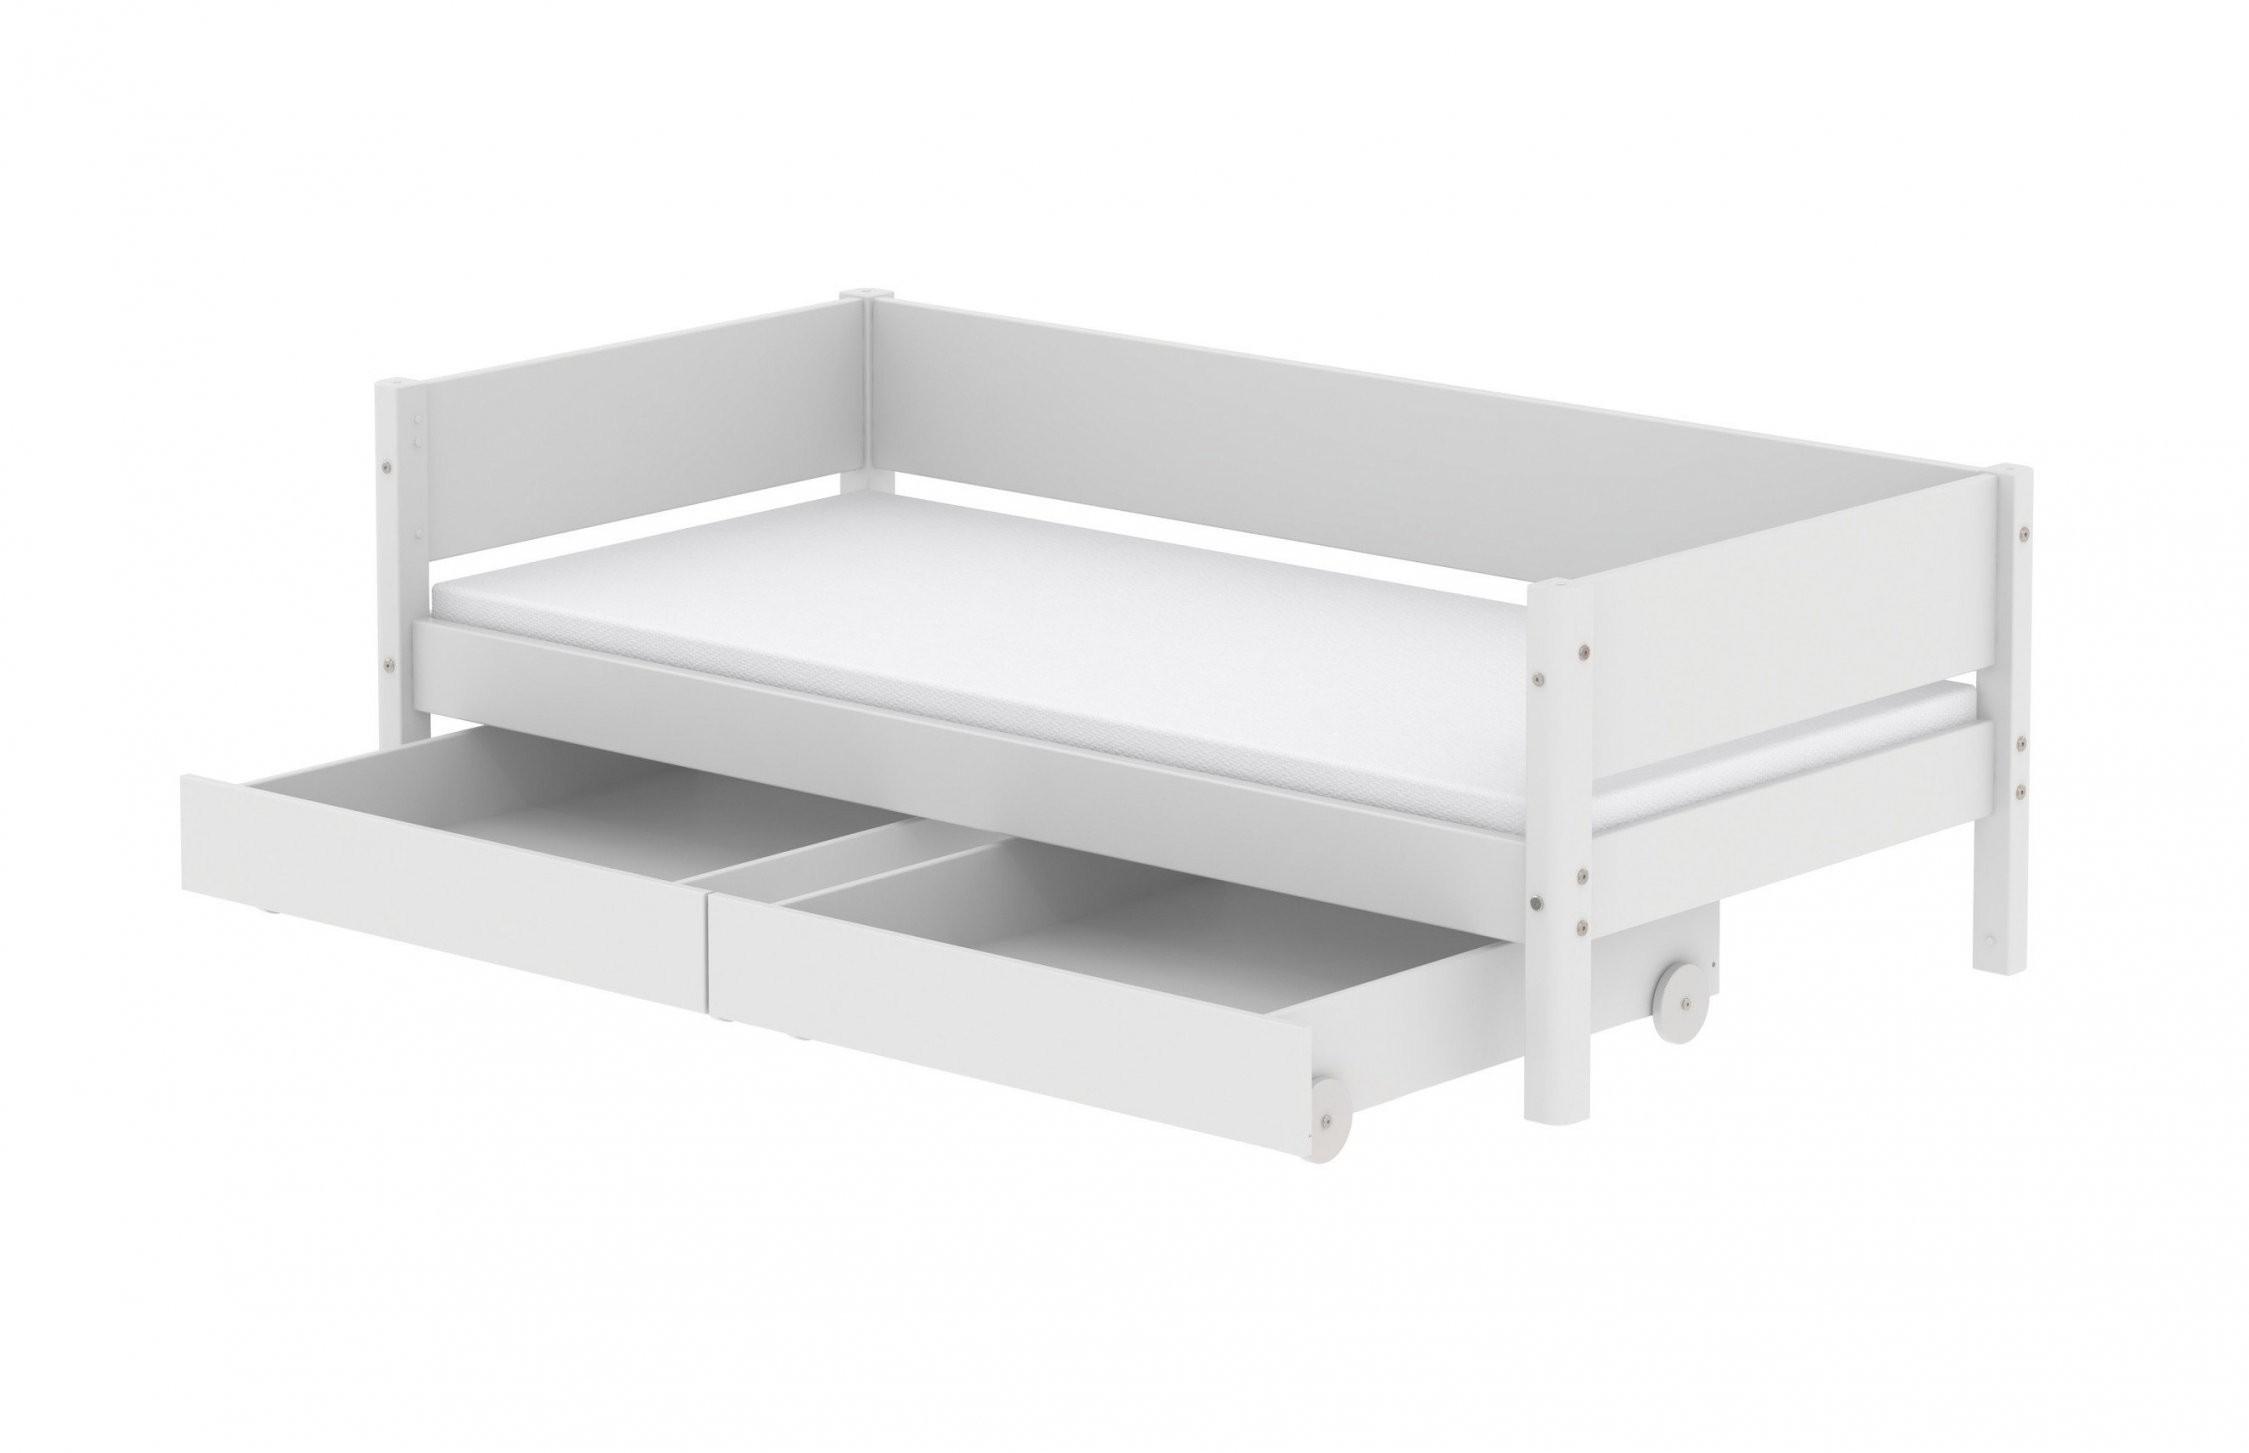 White Bett Mit Schubladen 90 X 200 Cm Von Flexa Weiß  Möbel Letz von Bett Weiß 90X200 Mit Schubladen Bild